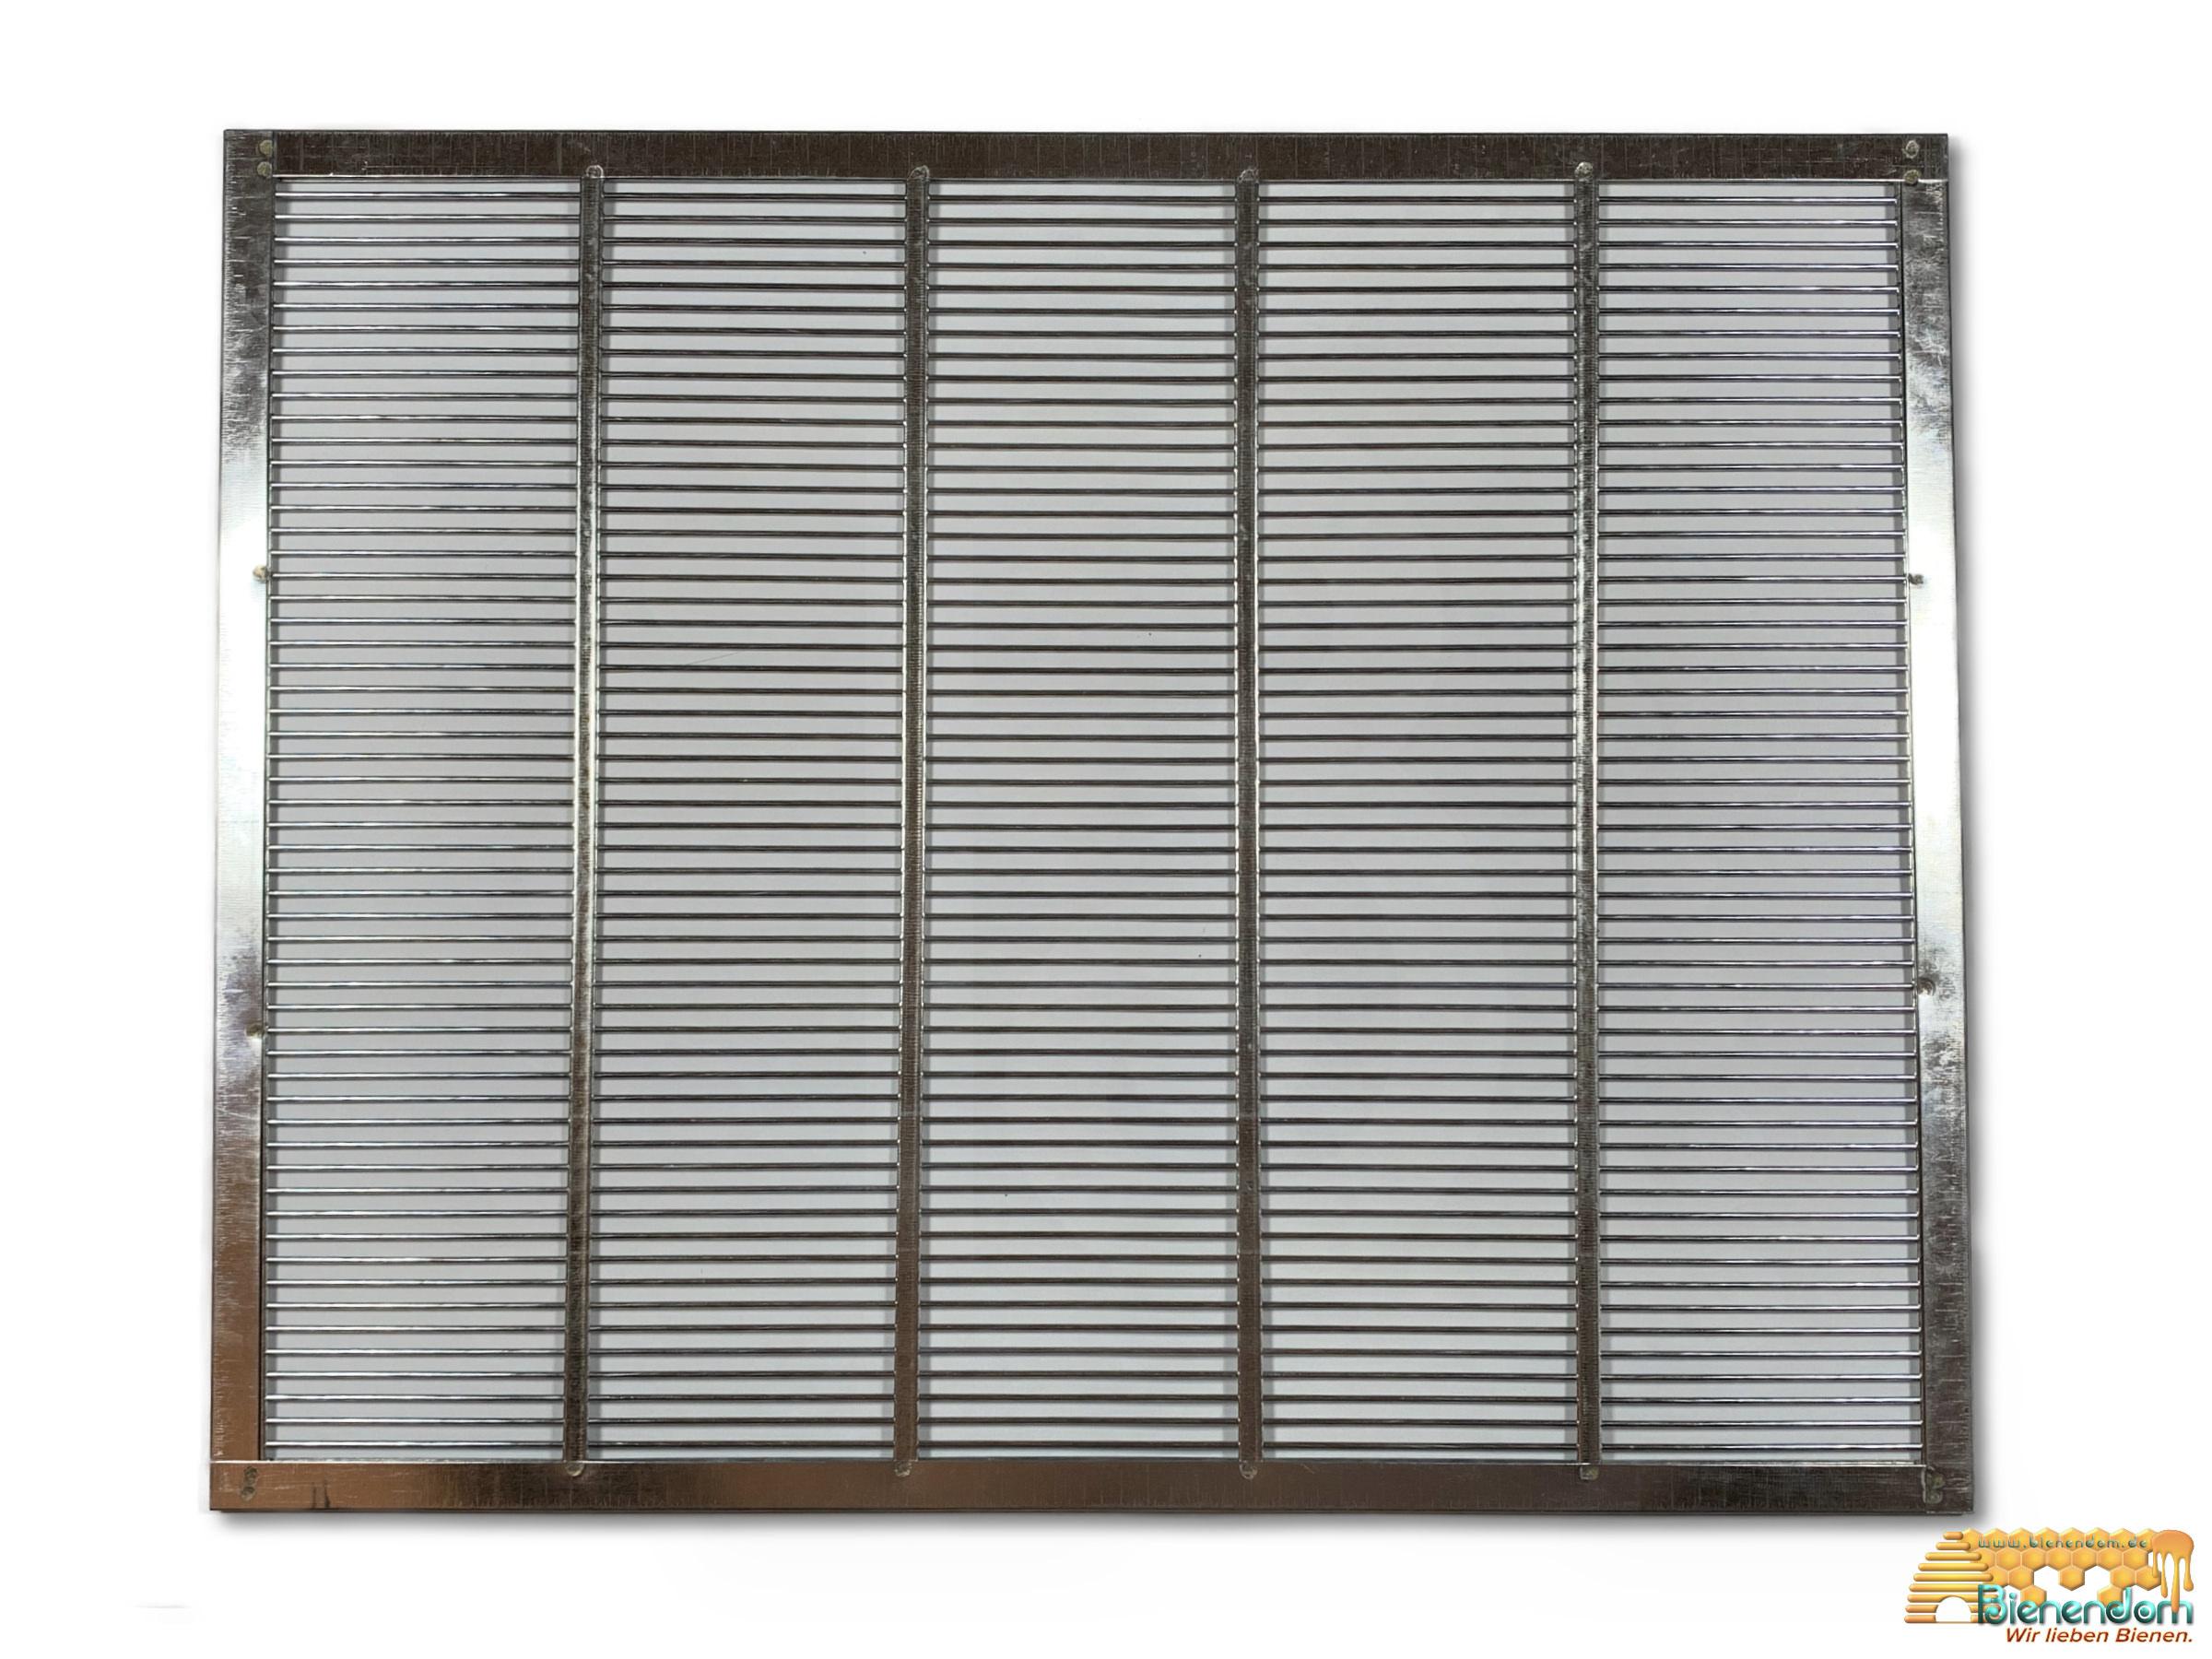 Absperrgitter | Liebigbeute | Metall | 476 x 377mm | ca. 10 Waben